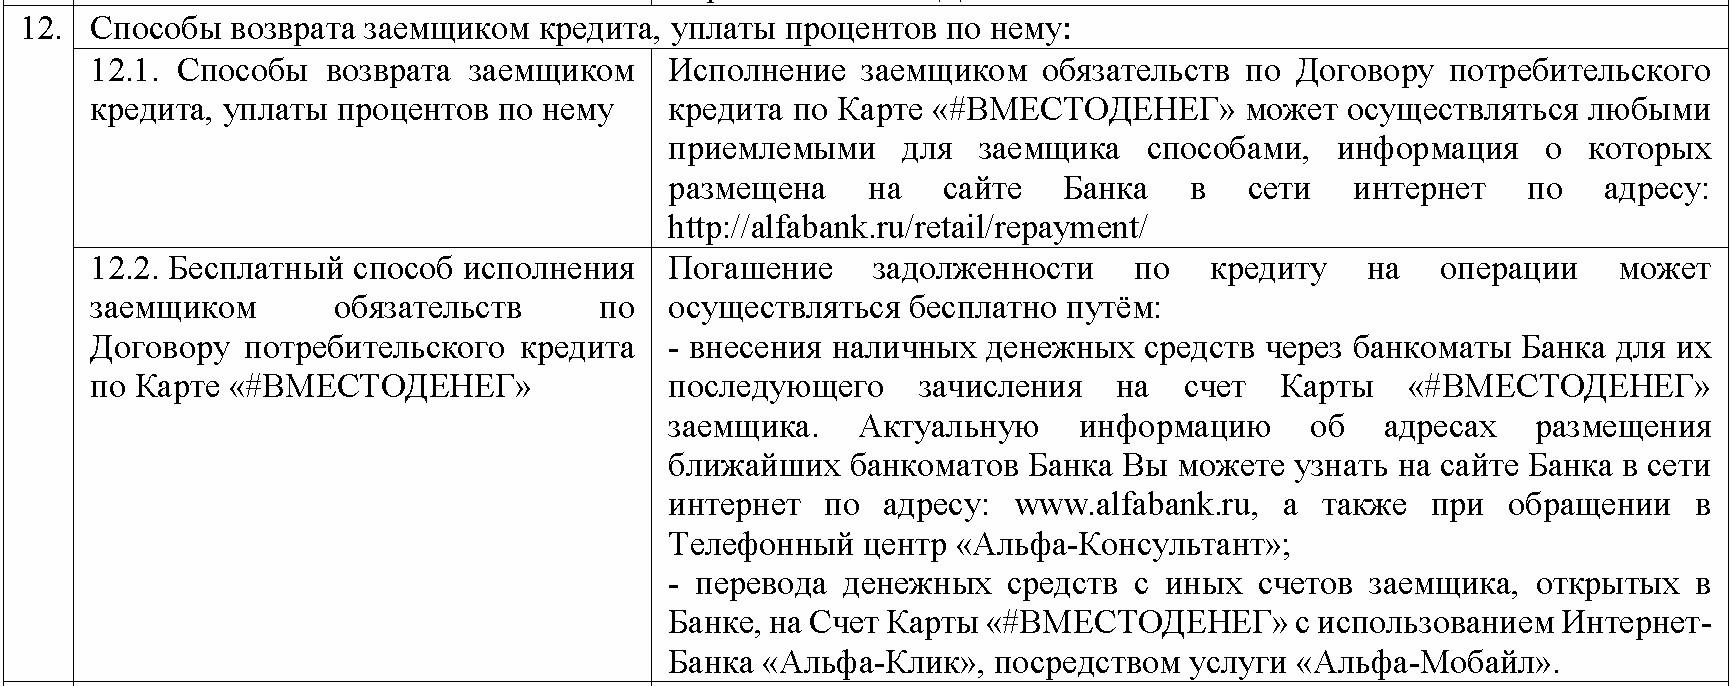 Альфа банк досрочное погашение потребительского кредита